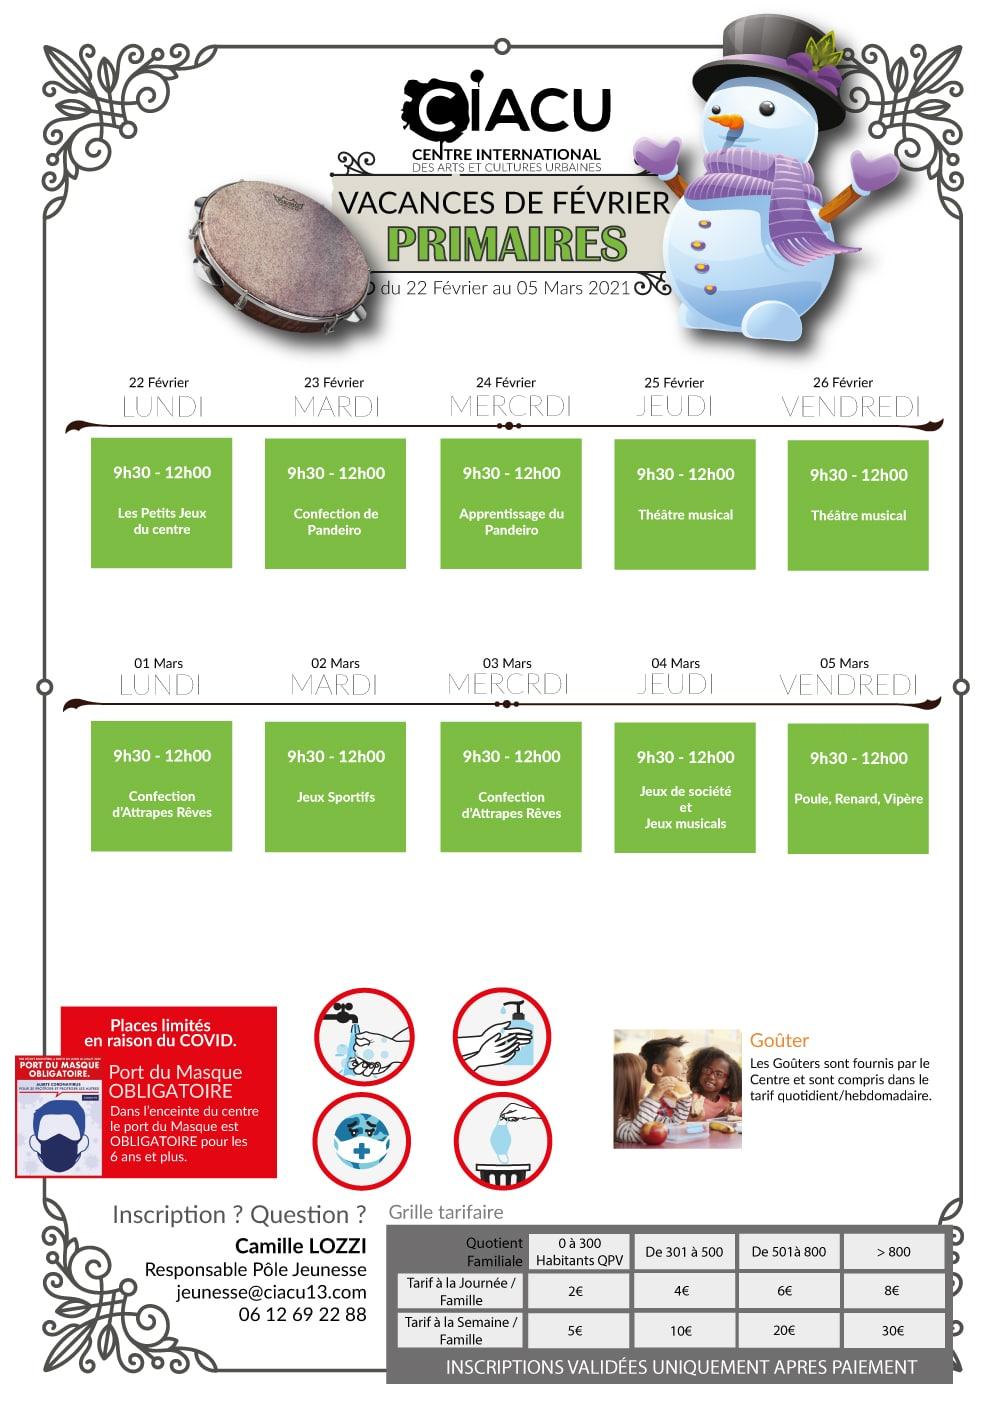 ciacu-vacances-FEVRIER-2021-A4-primaires